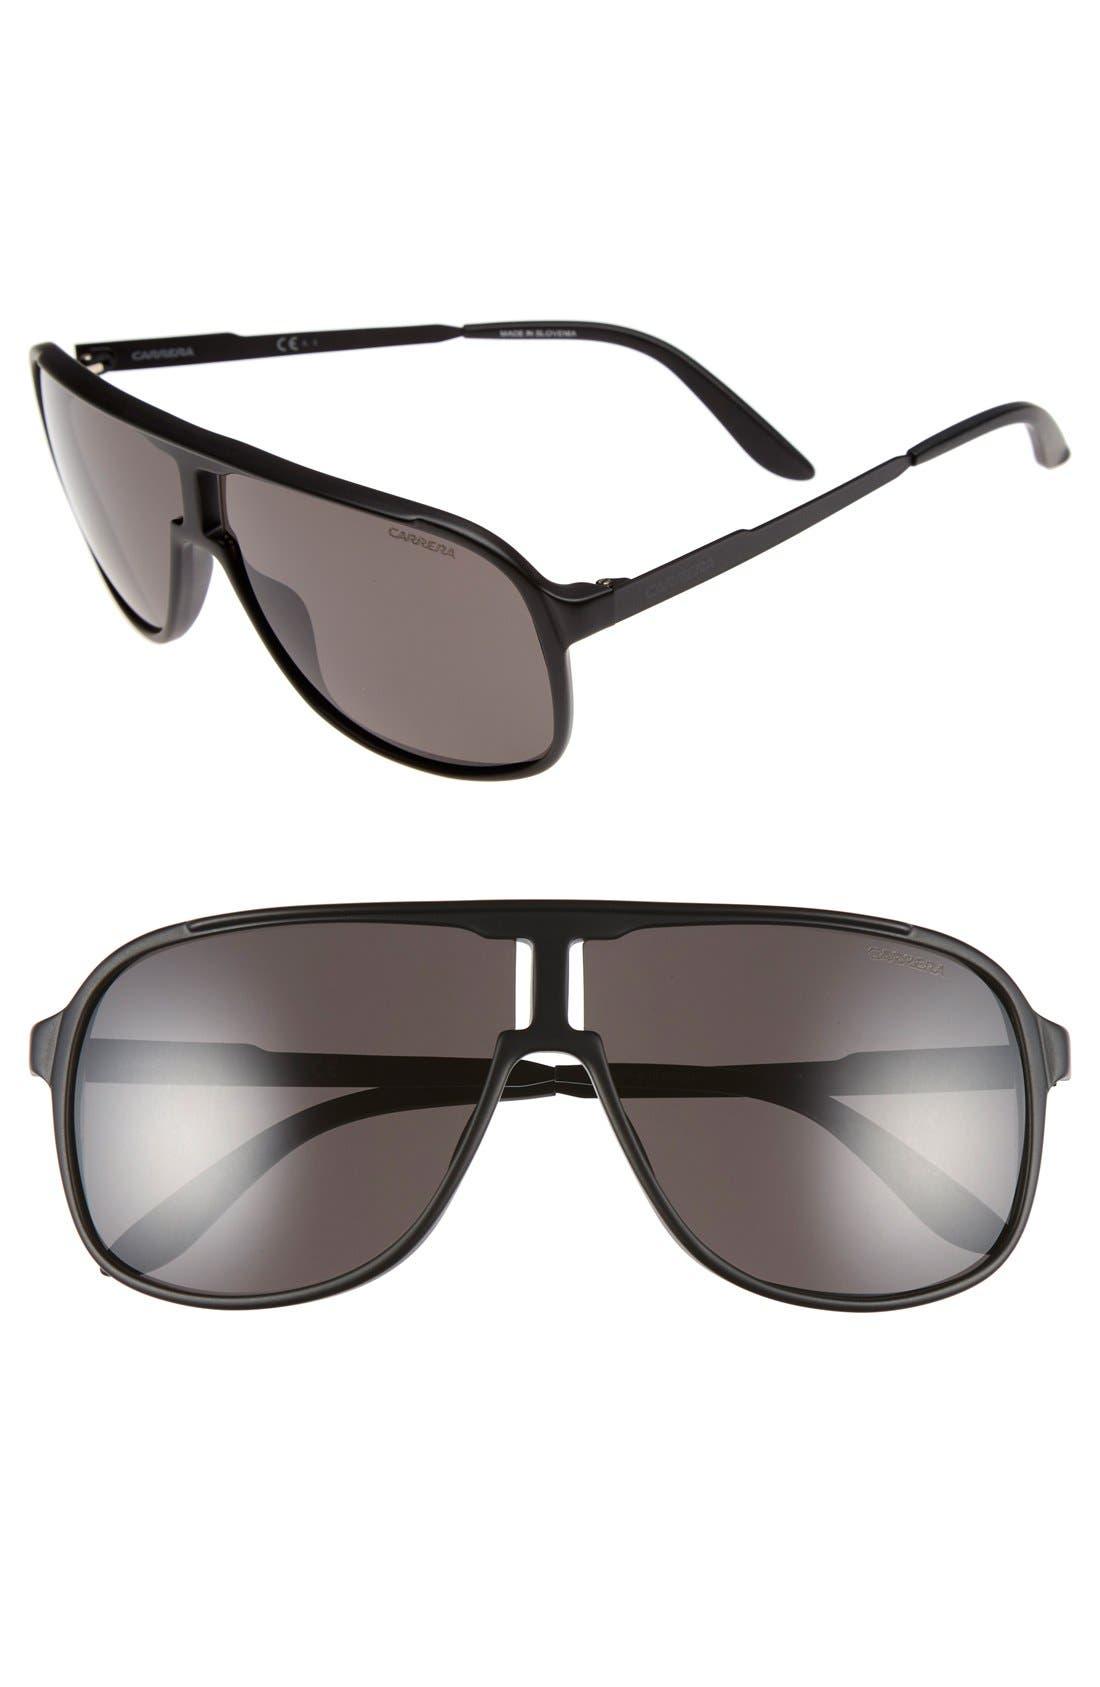 Carrera Eyewear Safari 62Mm Aviator Sunglasses -